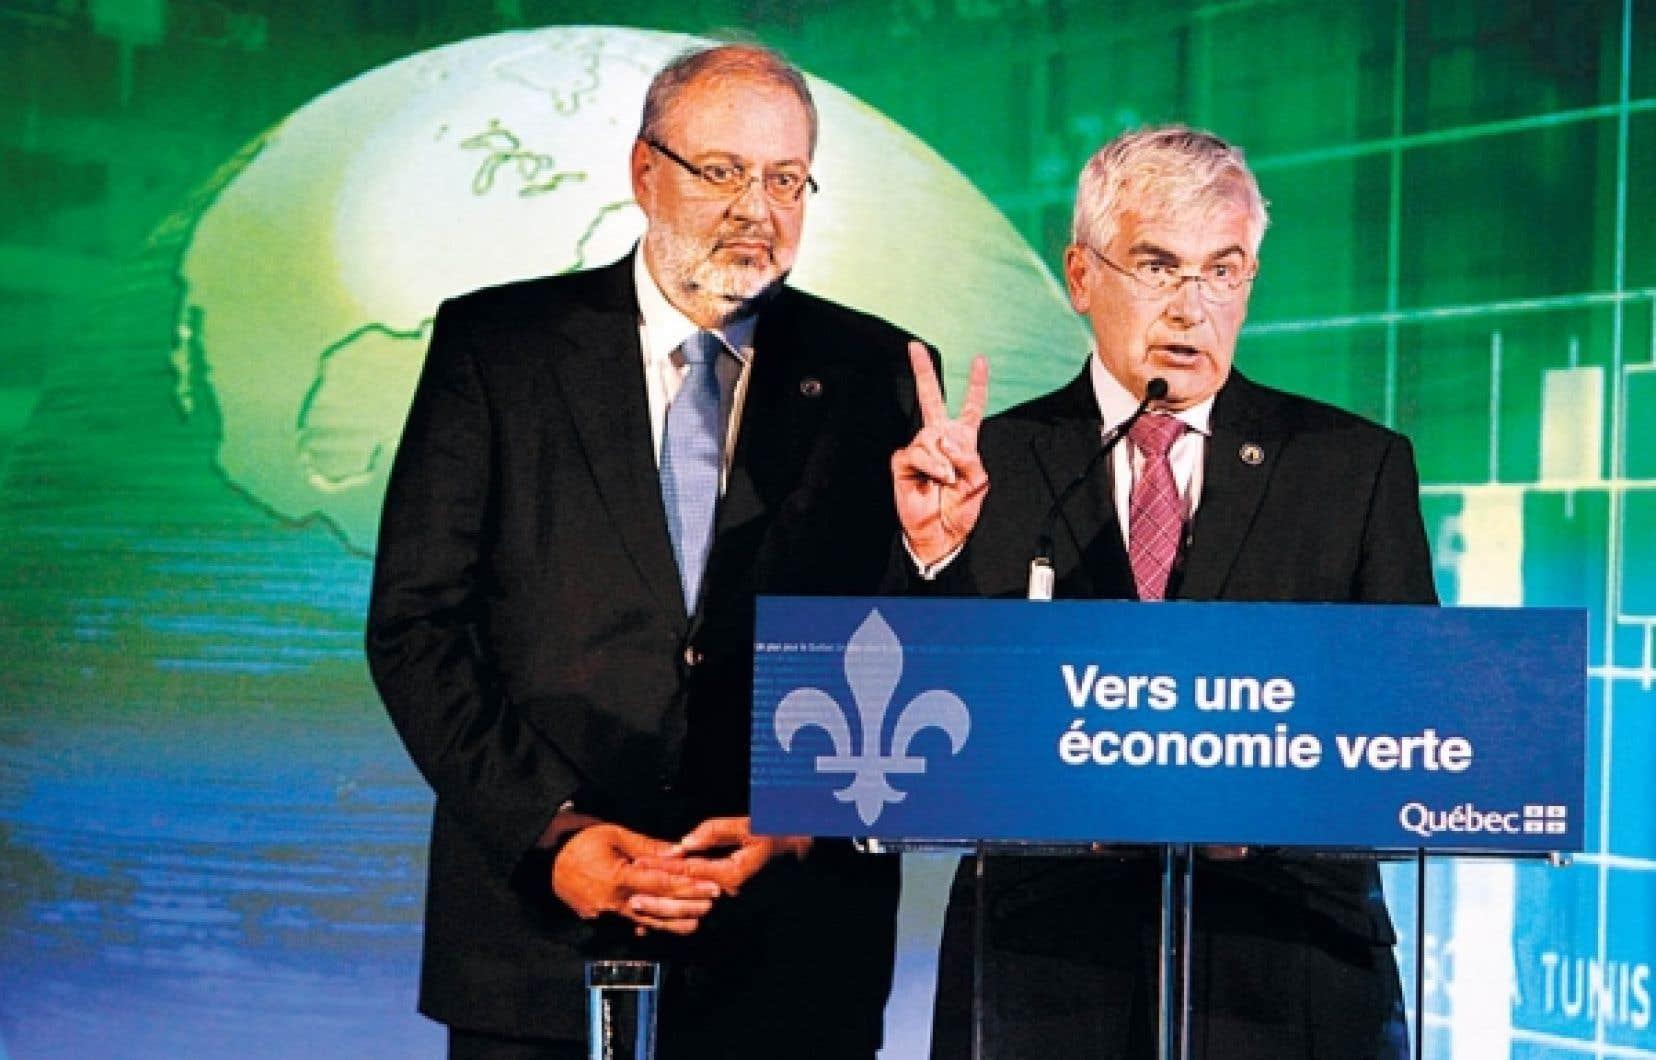 Le ministre du Développement durable, de l'Environnement et des Parcs, Pierre Arcand, et le ministre du Développement économique, Clément Gignac, ont annoncé que le plan québécois imposera dès 2013 ses premières réductions à une centaine de grandes entreprises.<br />